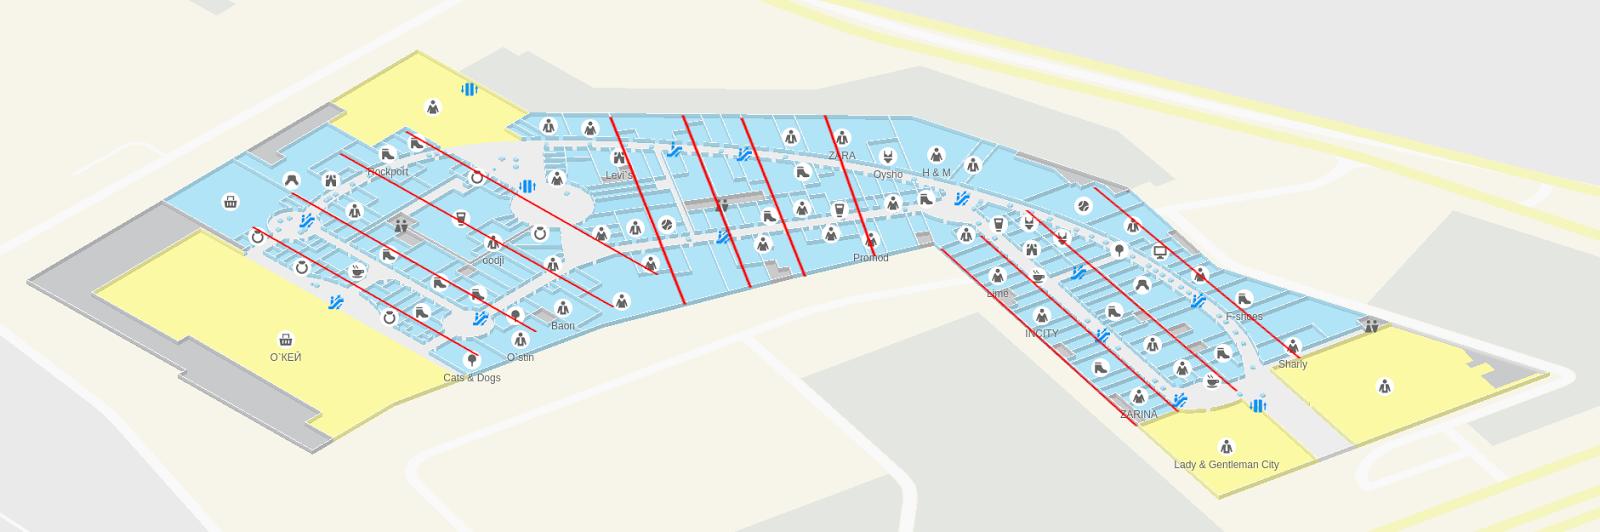 Этажи: 3D-навигация на WebGL в 2gis.ru - 16